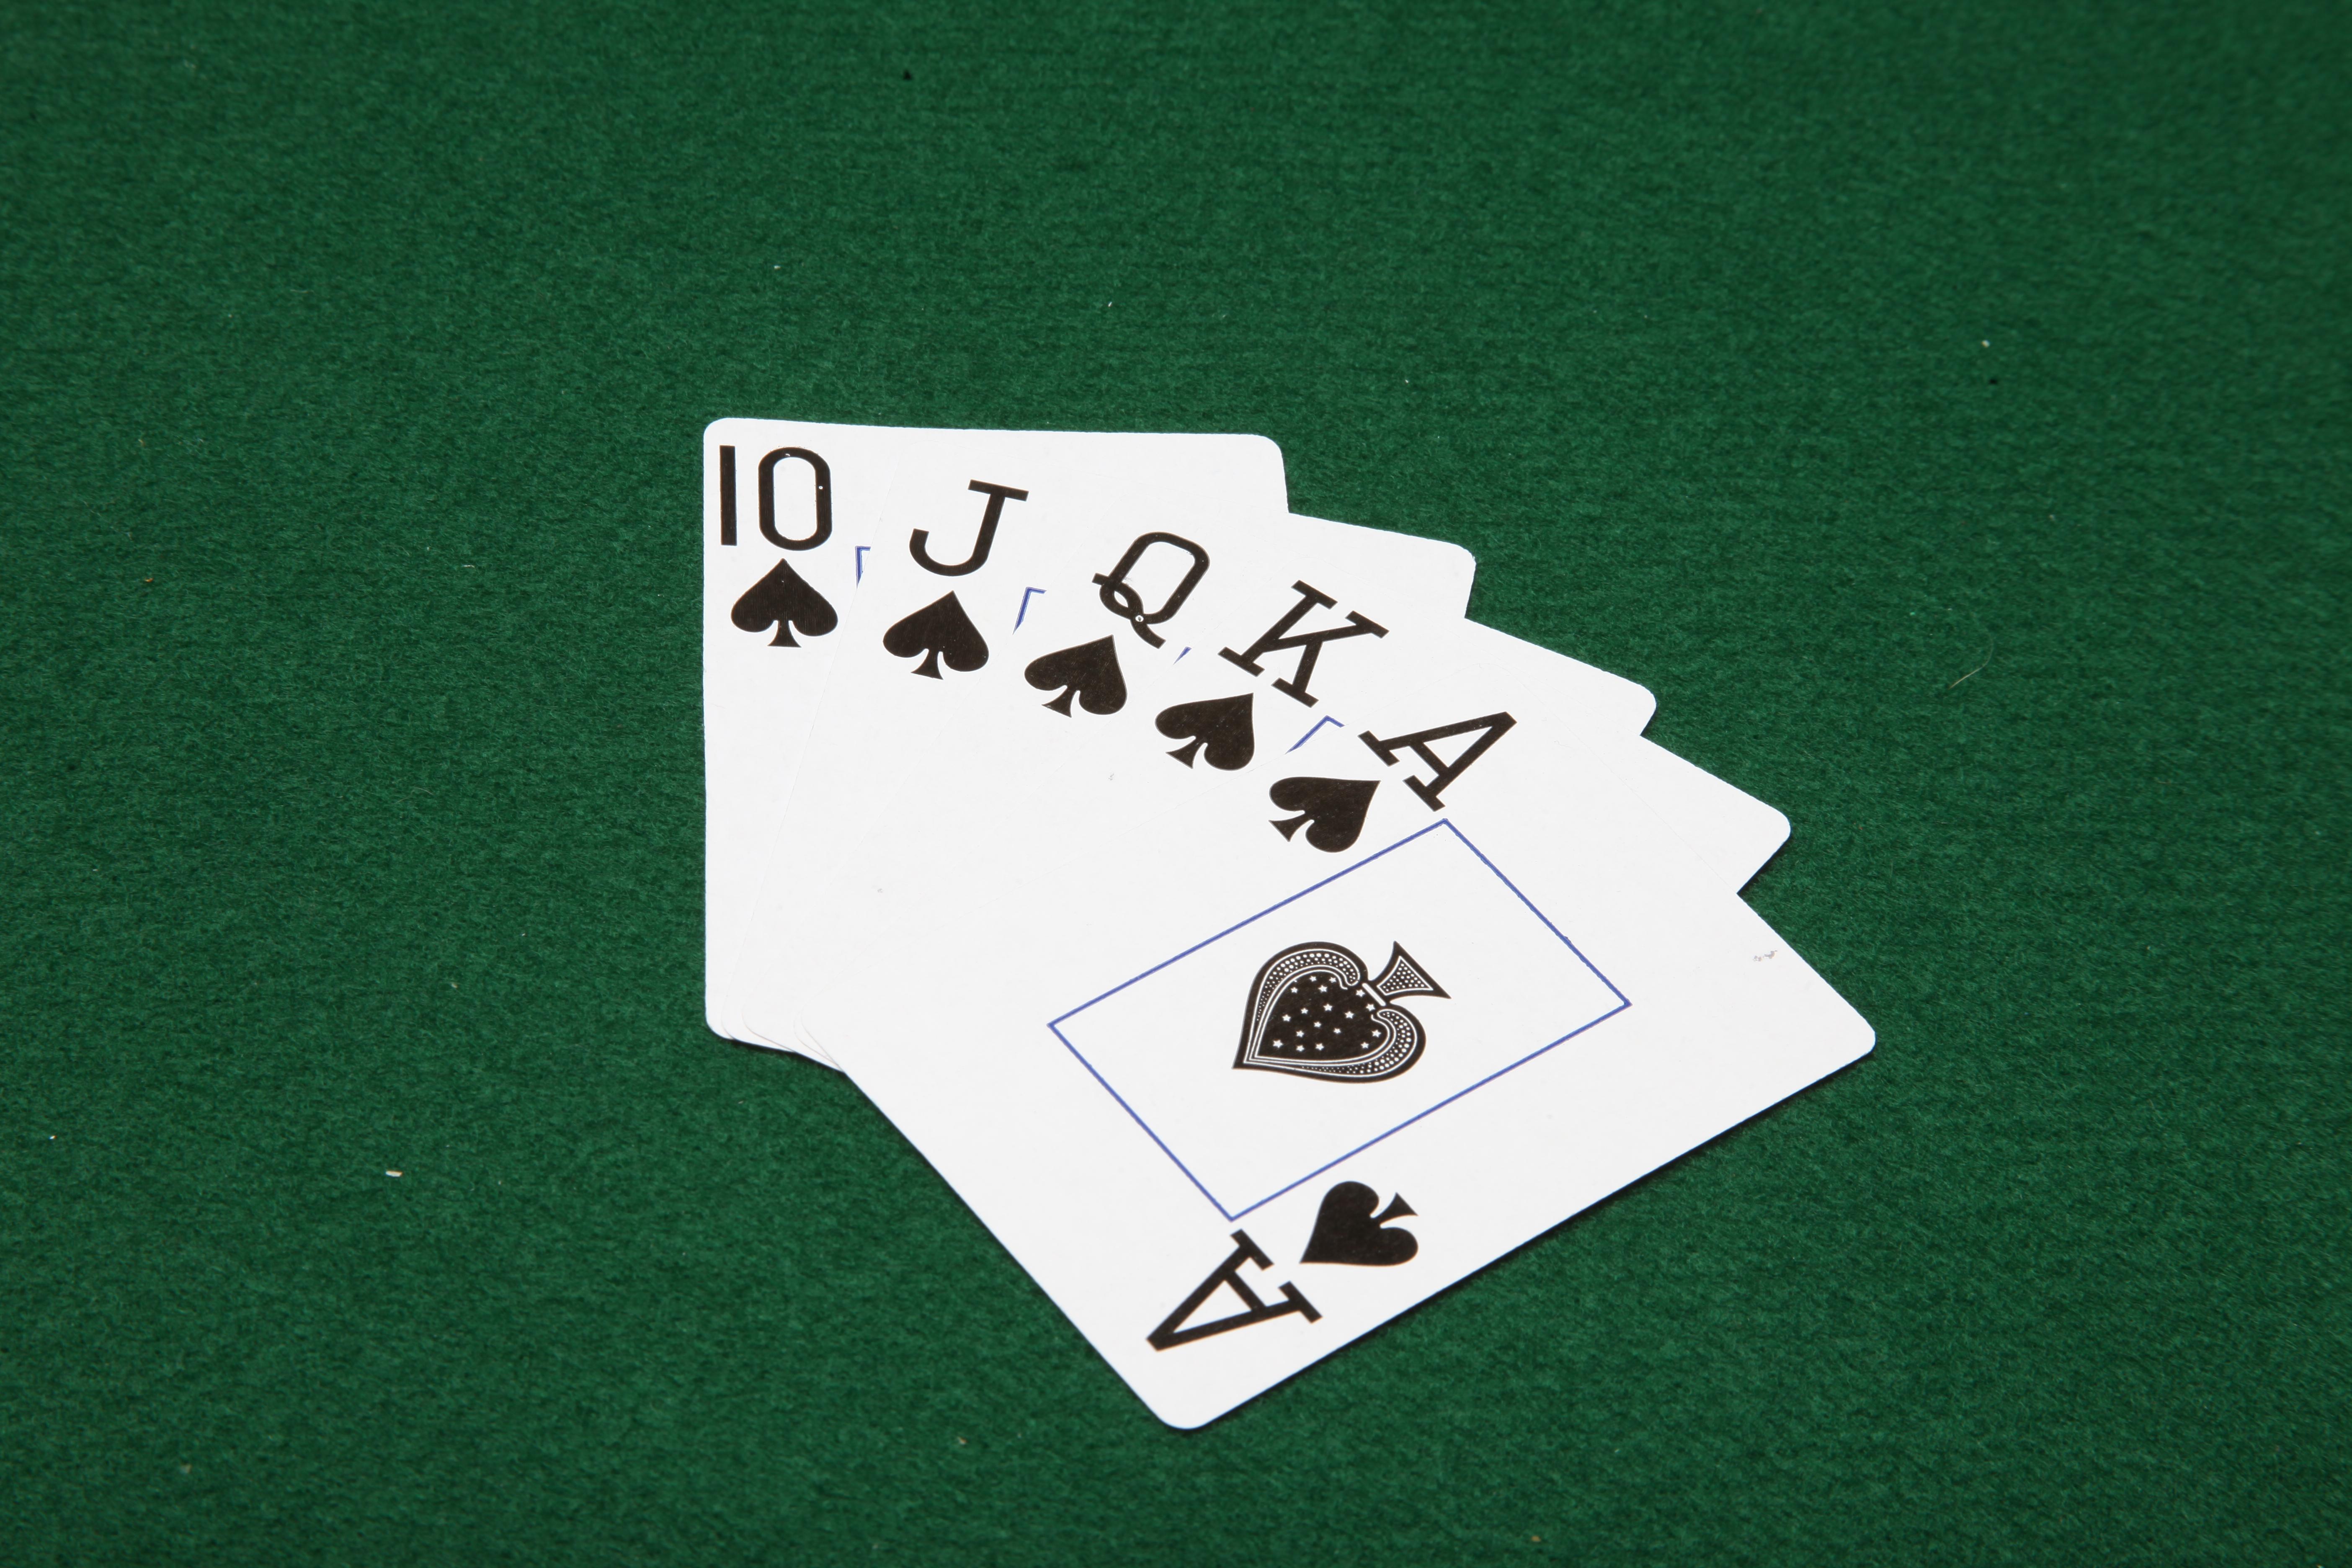 Royal Flush, 10, King, Ten, Table, HQ Photo